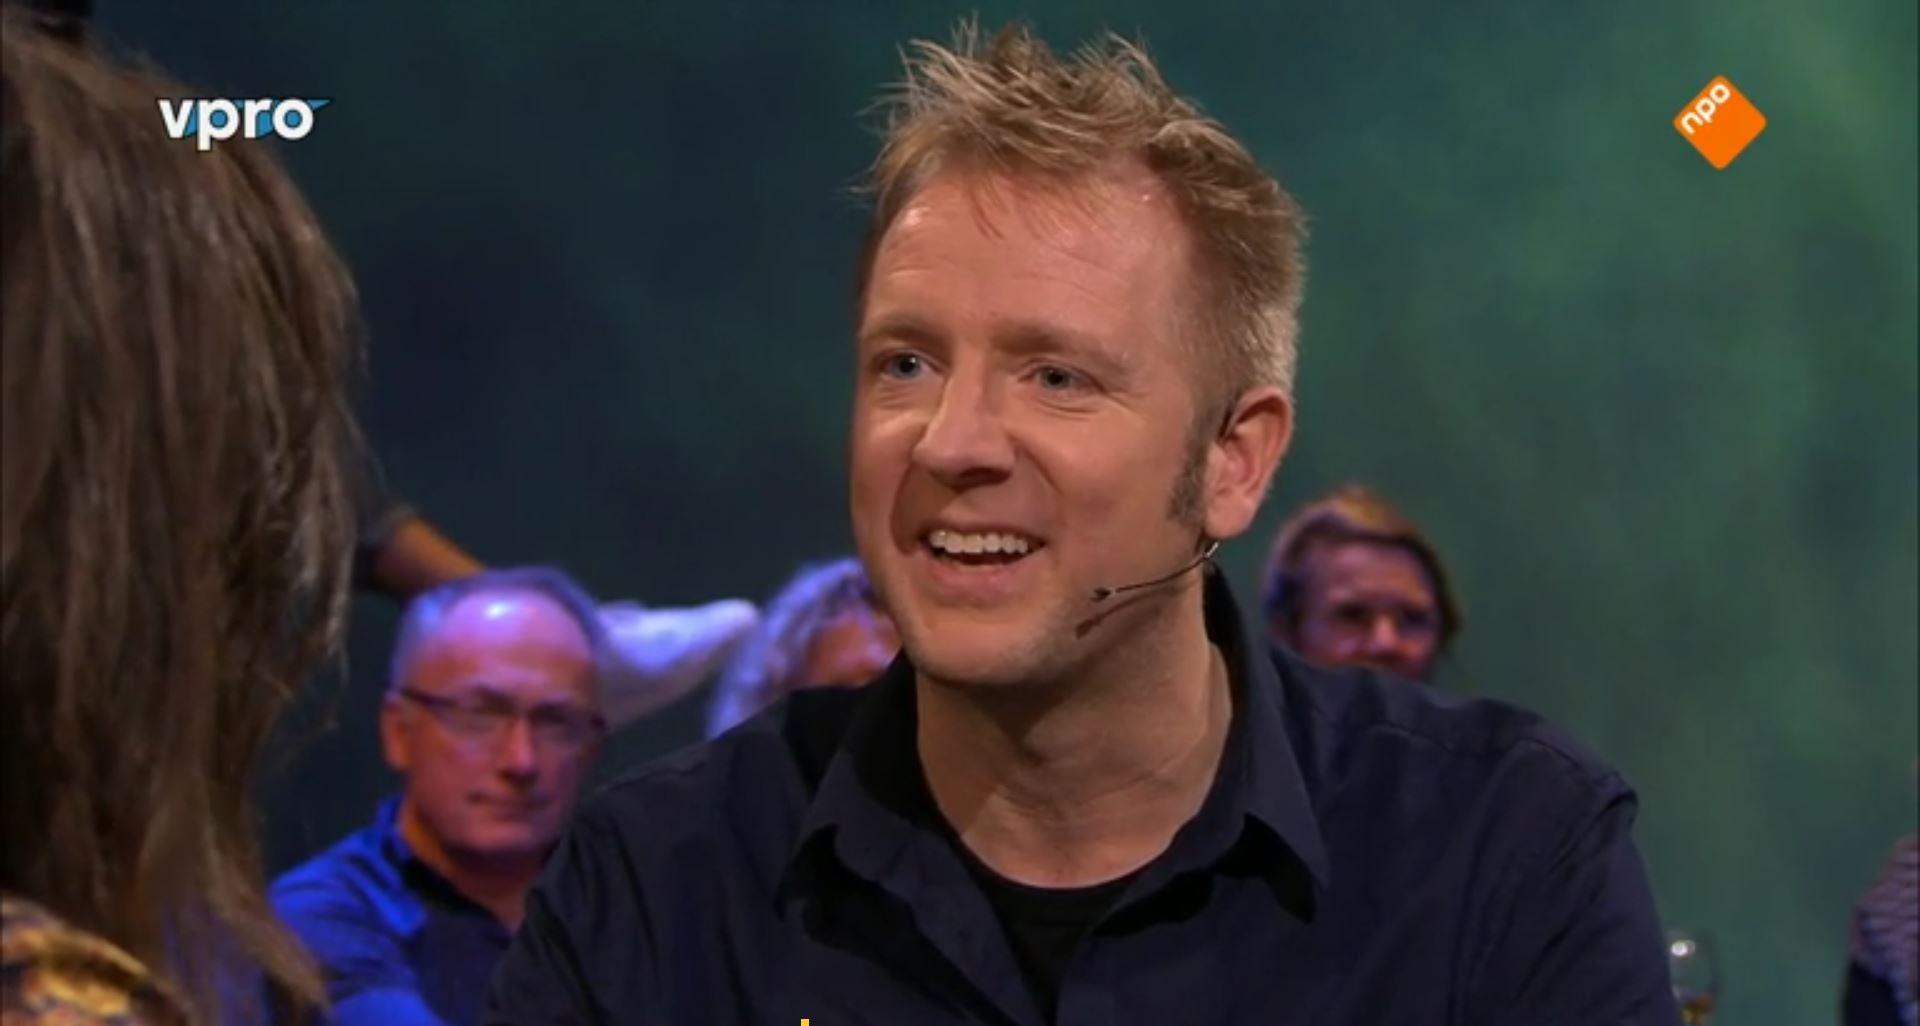 Ton-van-Zantvoort-VPRO_best-of_IDFA